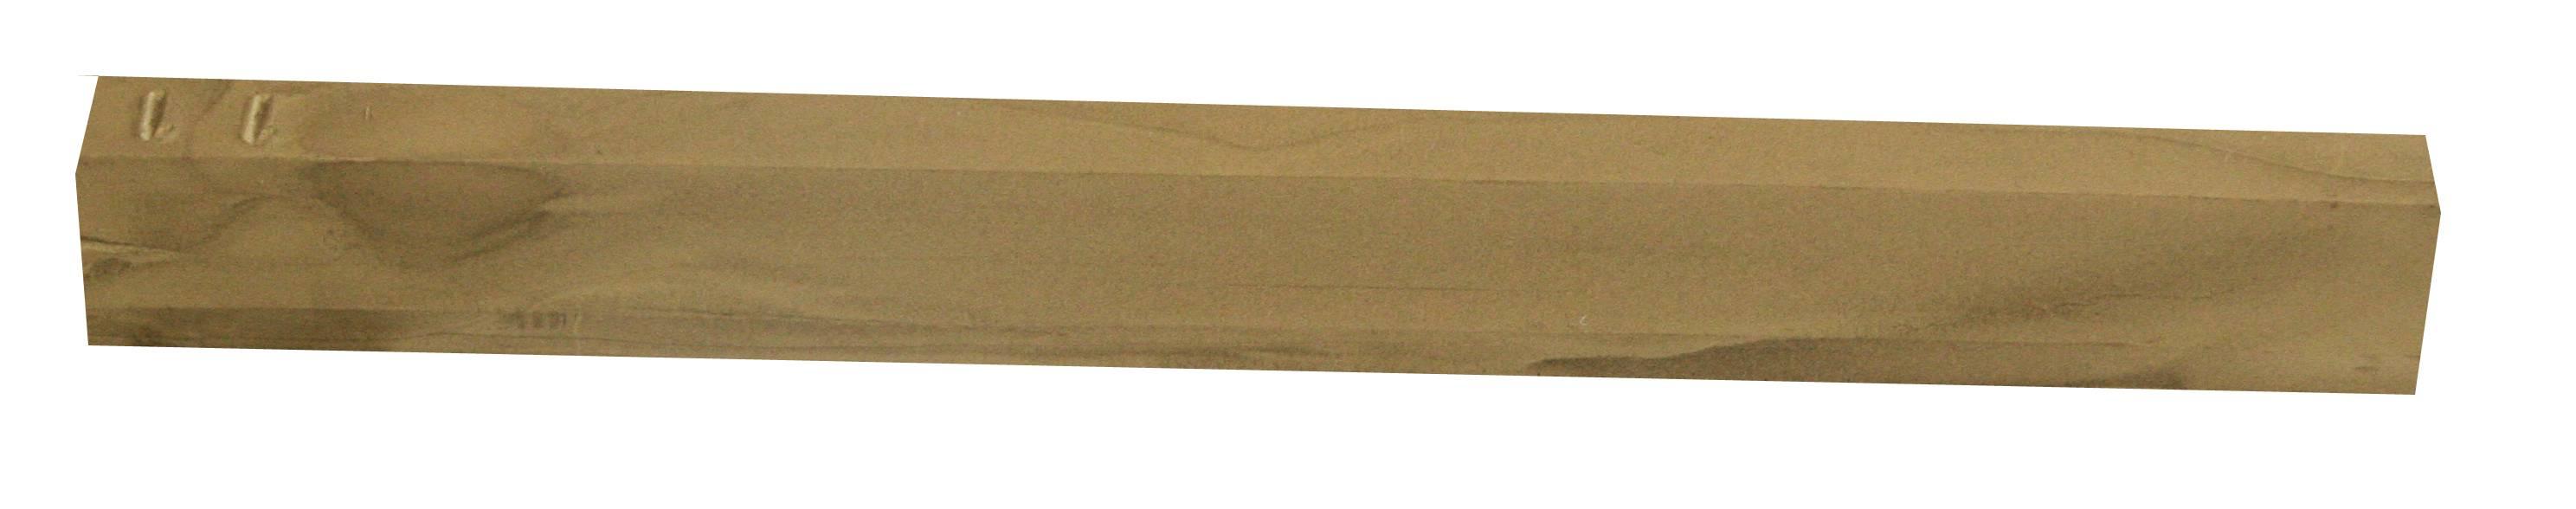 Воск мягкий Decomaster Золотой Stuccorapido 11 от Stroyshopper